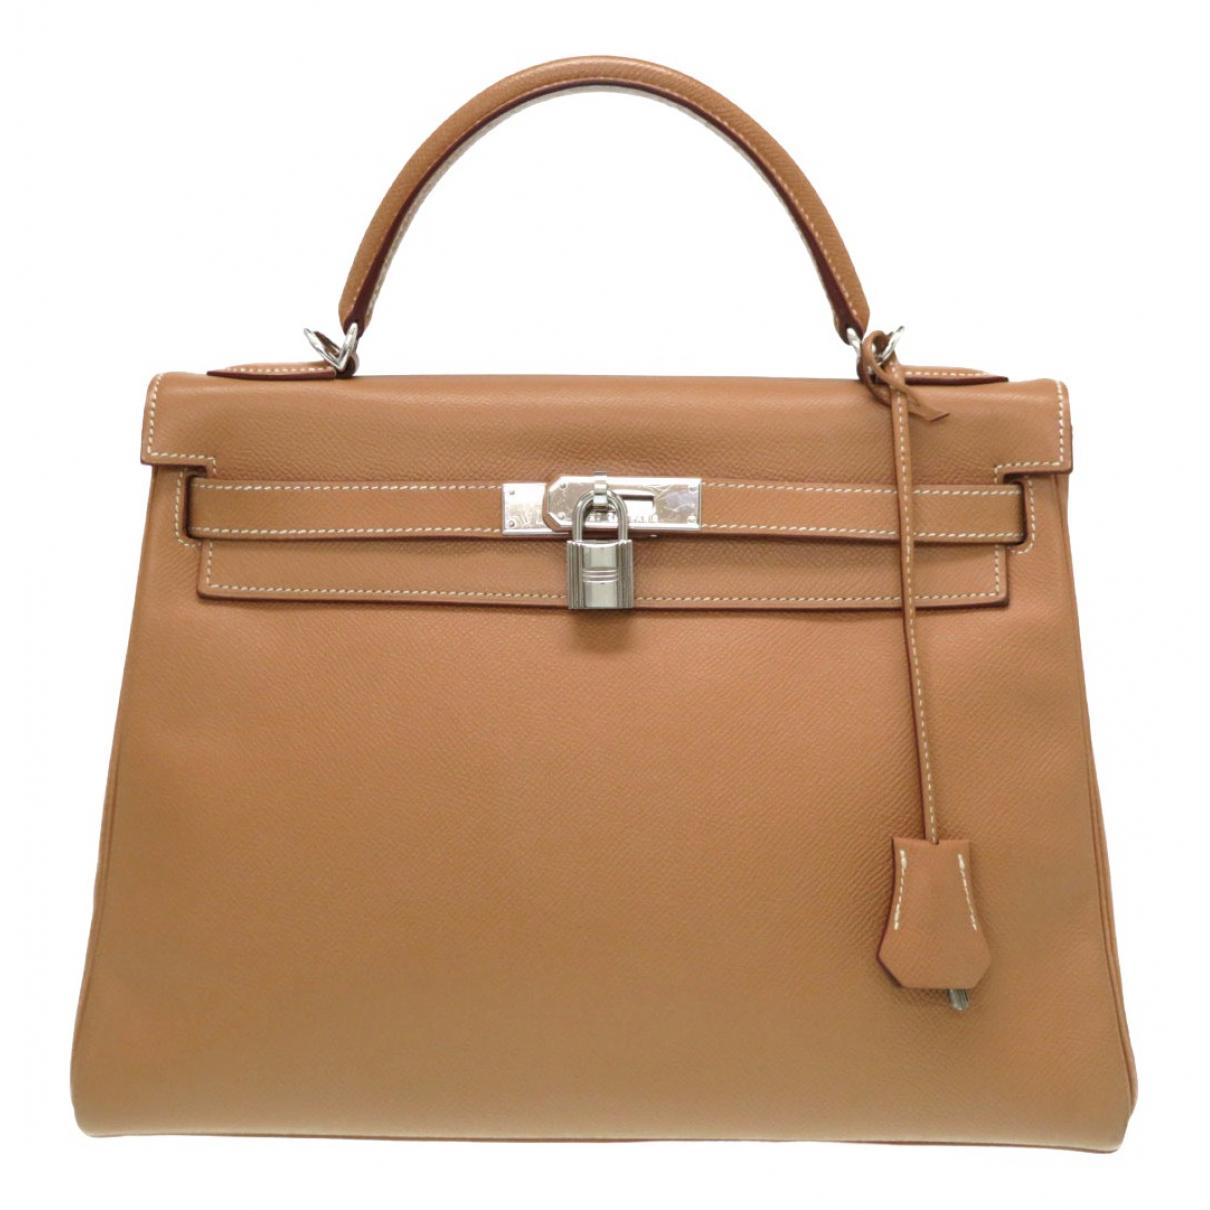 Hermes Kelly 32 Handtasche in  Beige Leder